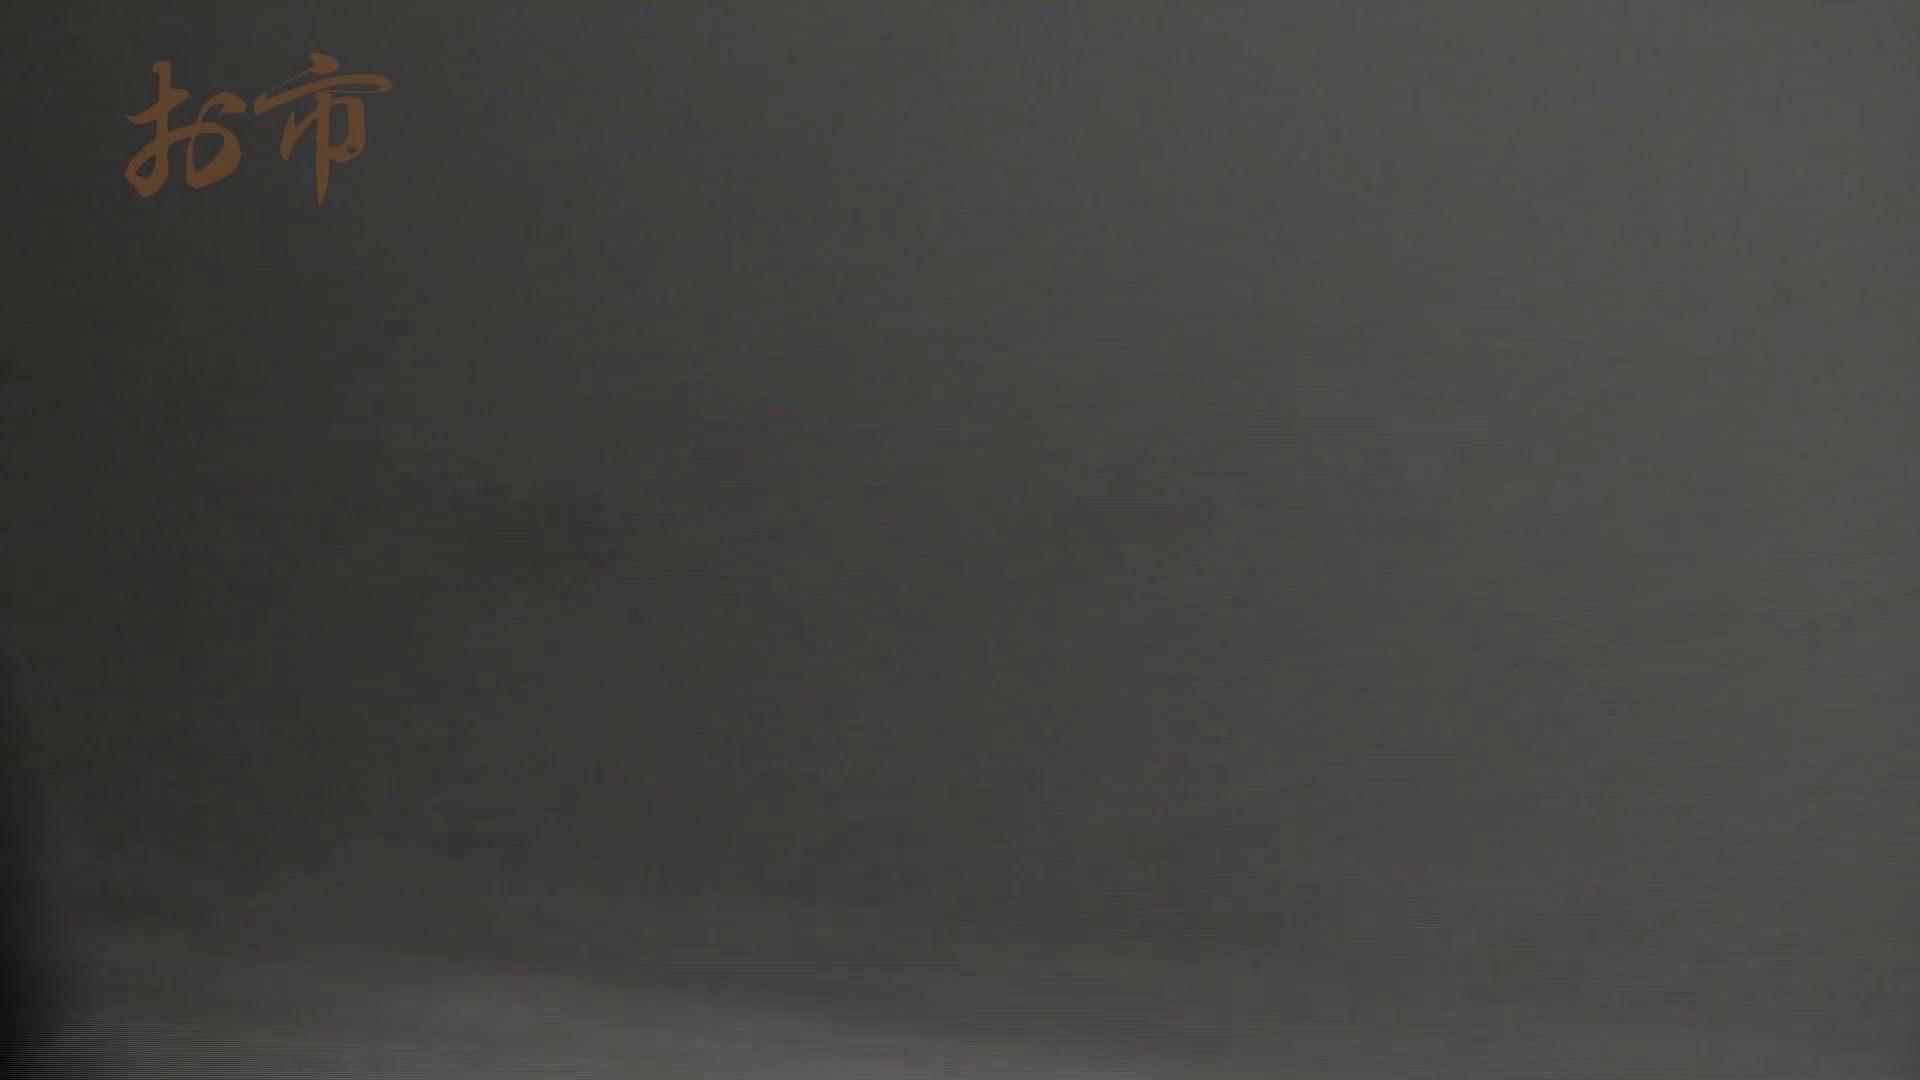 潜入!!台湾名門女学院 Vol.12 長身モデル驚き見たことないシチュエーション 盗撮  105PIX 50